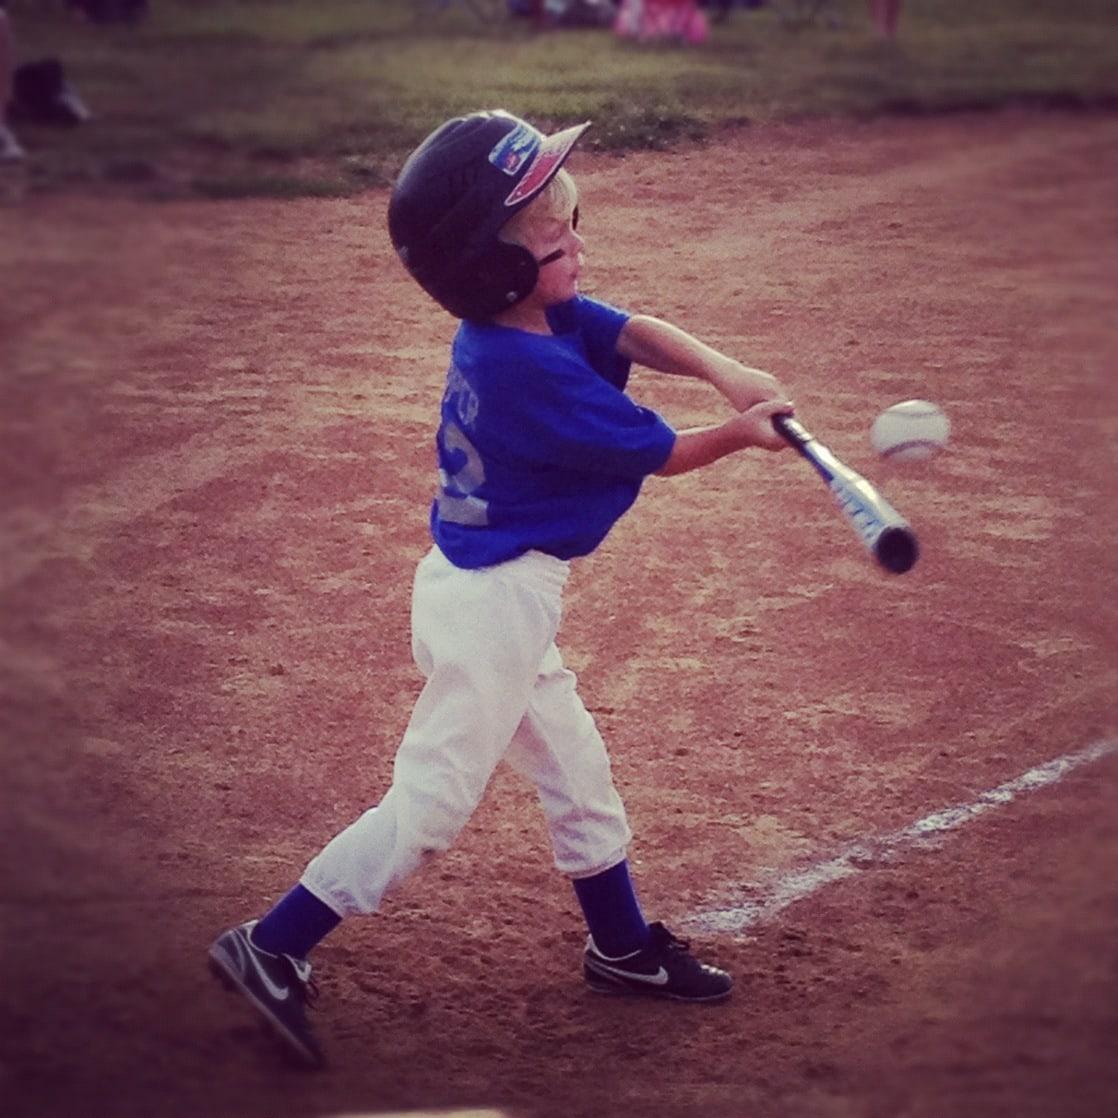 Cooper Double Baseball